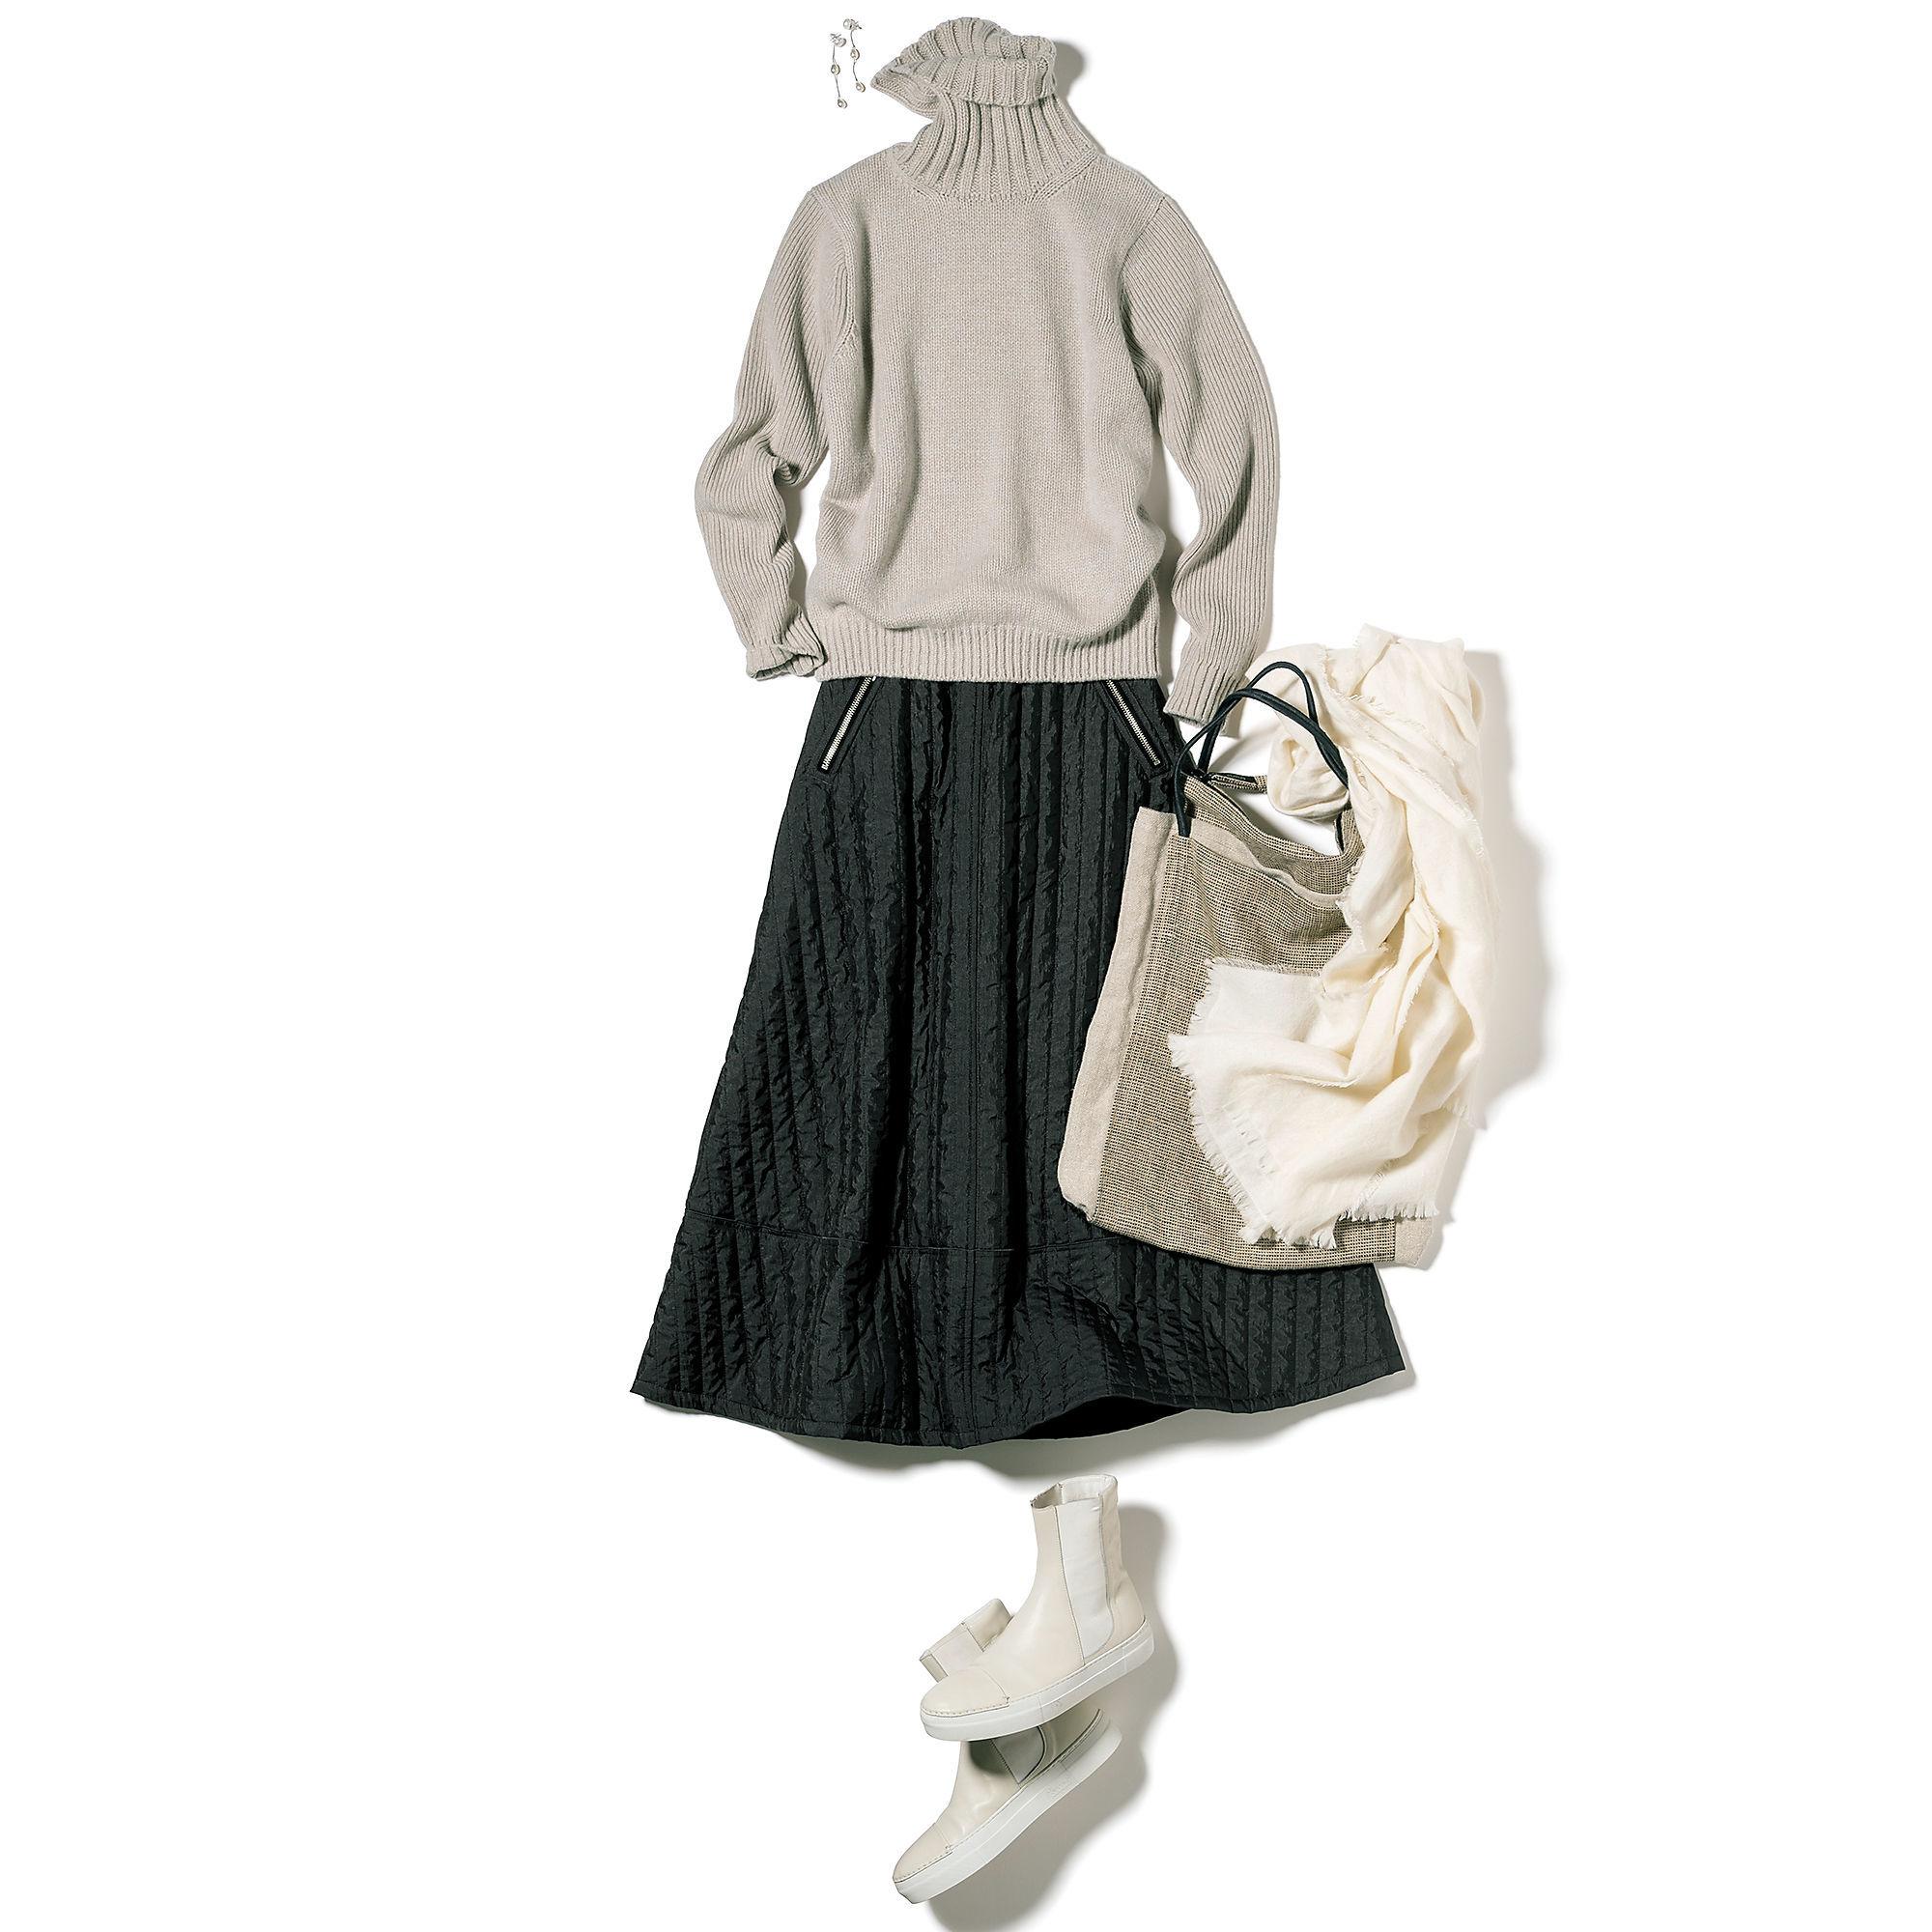 ジャストからゆったりまで「どう着る?」でサイズを選べる「SLOANE」のタートルニット_1_2